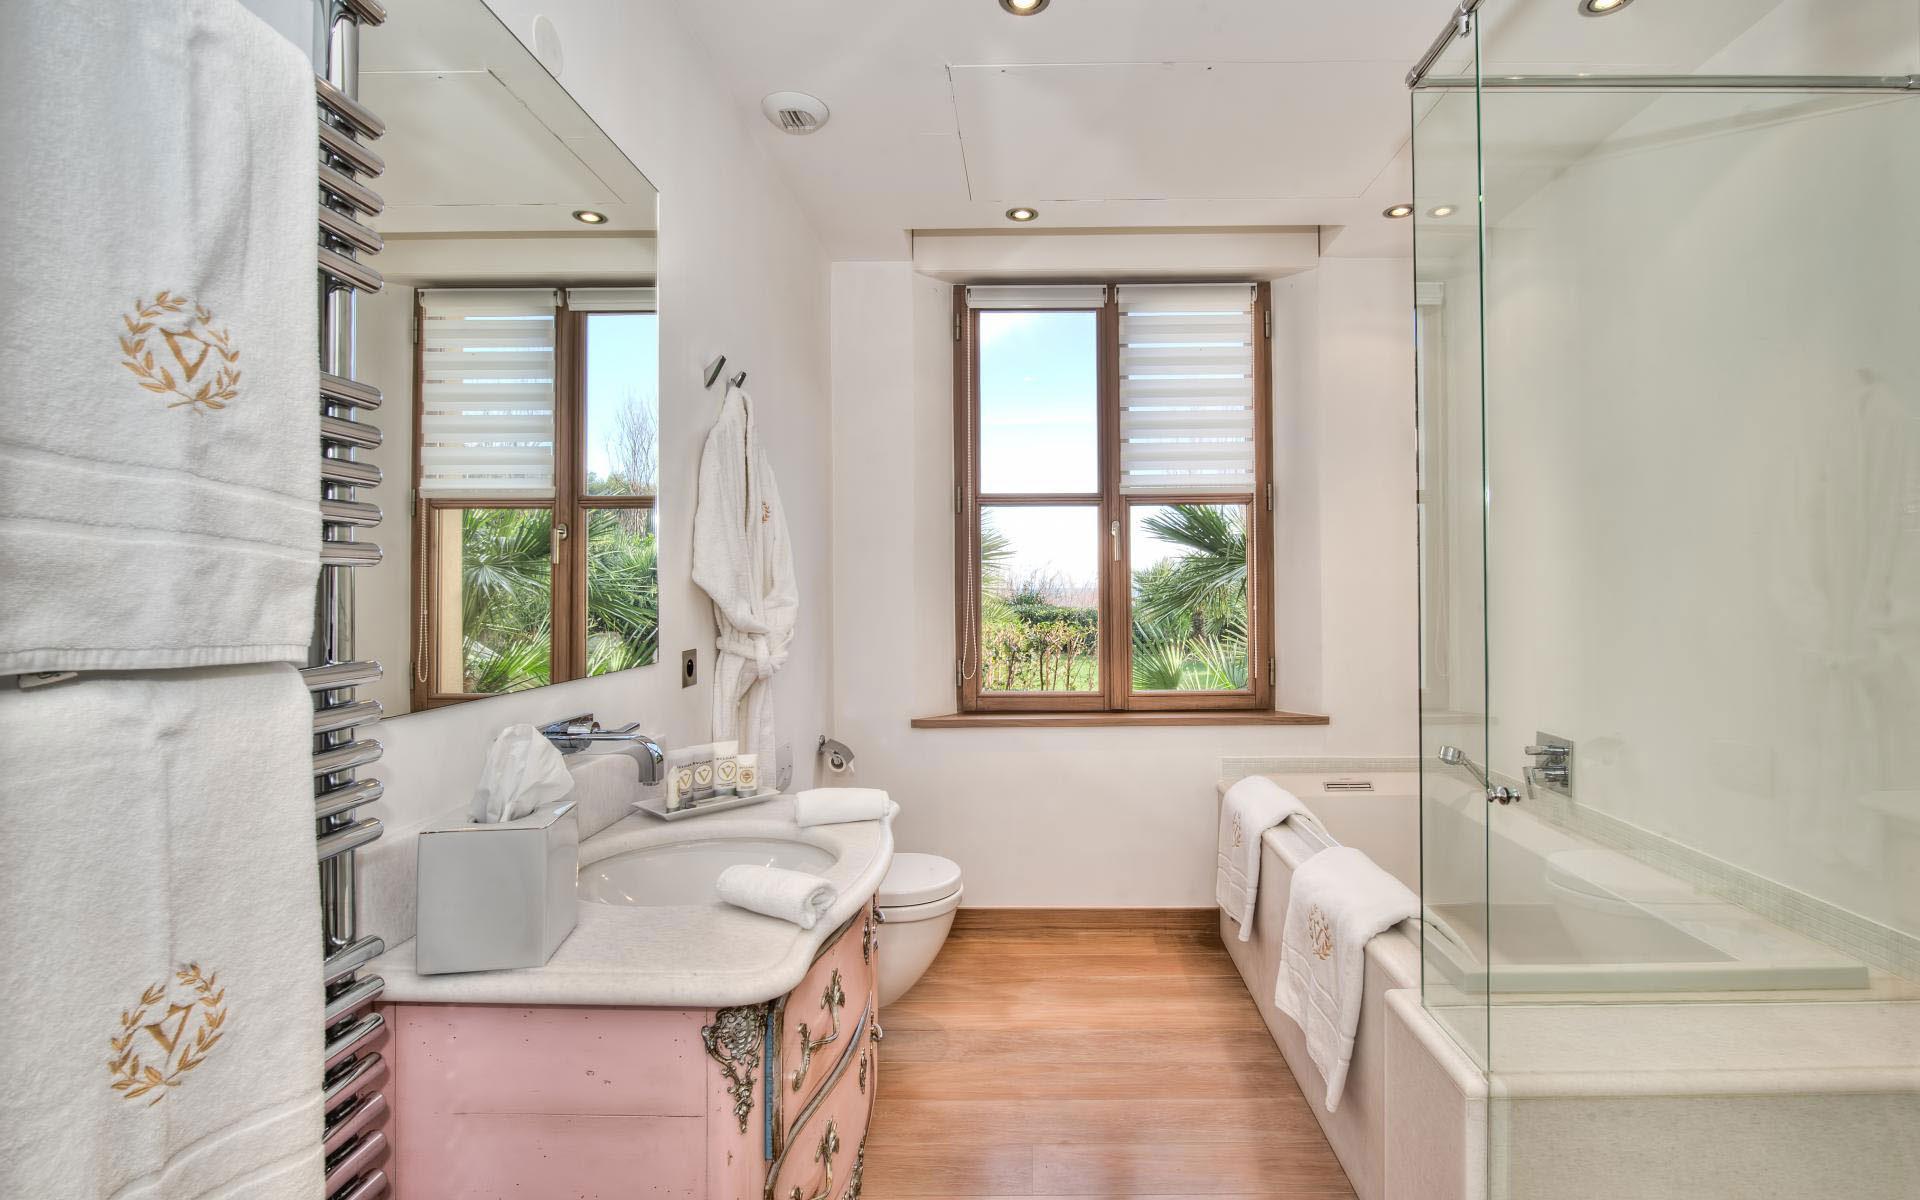 bathroom-interior-designs-for-home8